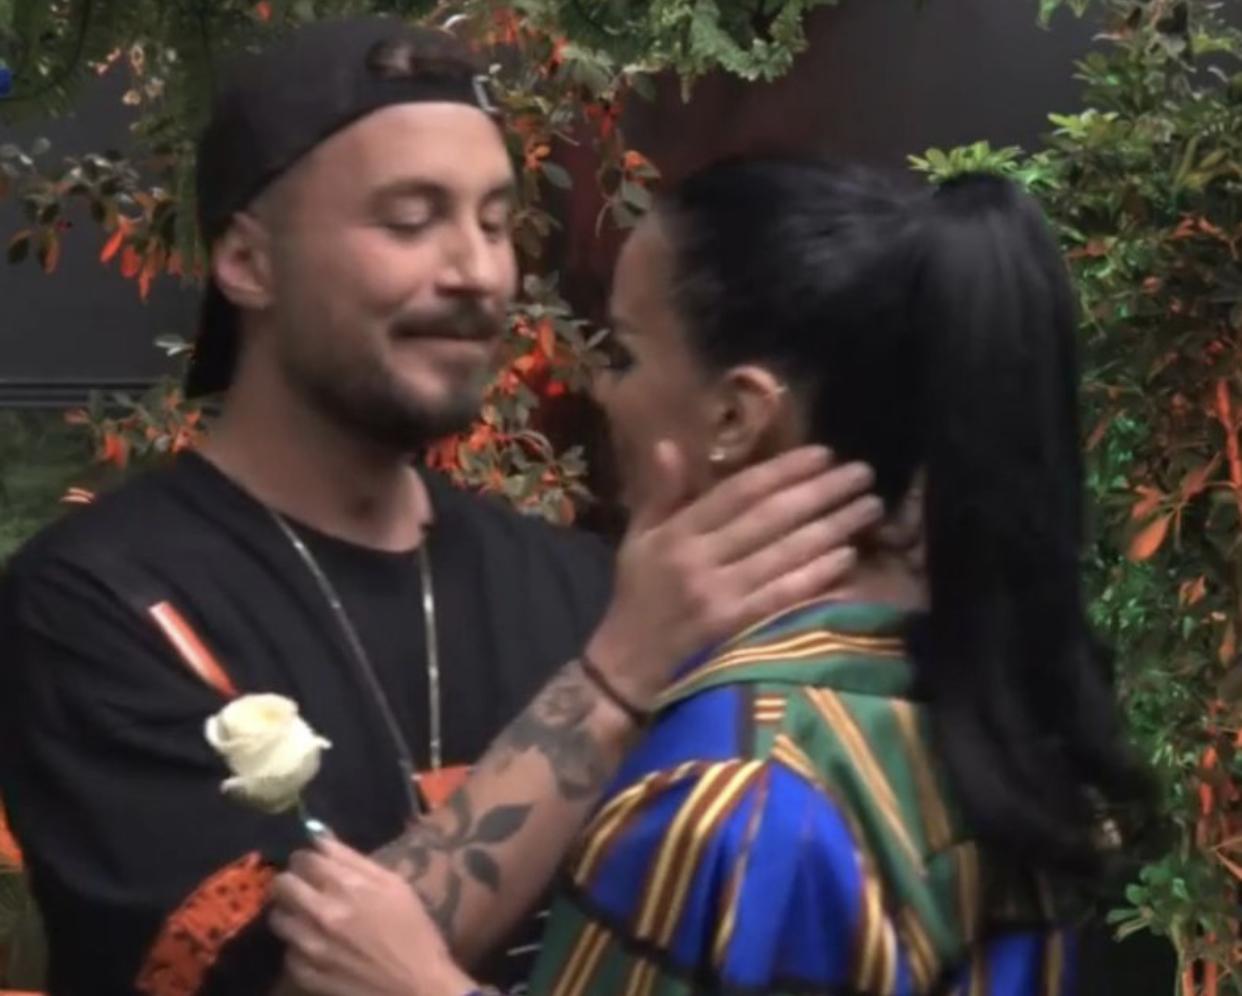 Puthje dhe përqafime: Përballja emocionuese e Borës dhe Donaldit në Big Brother VIP!